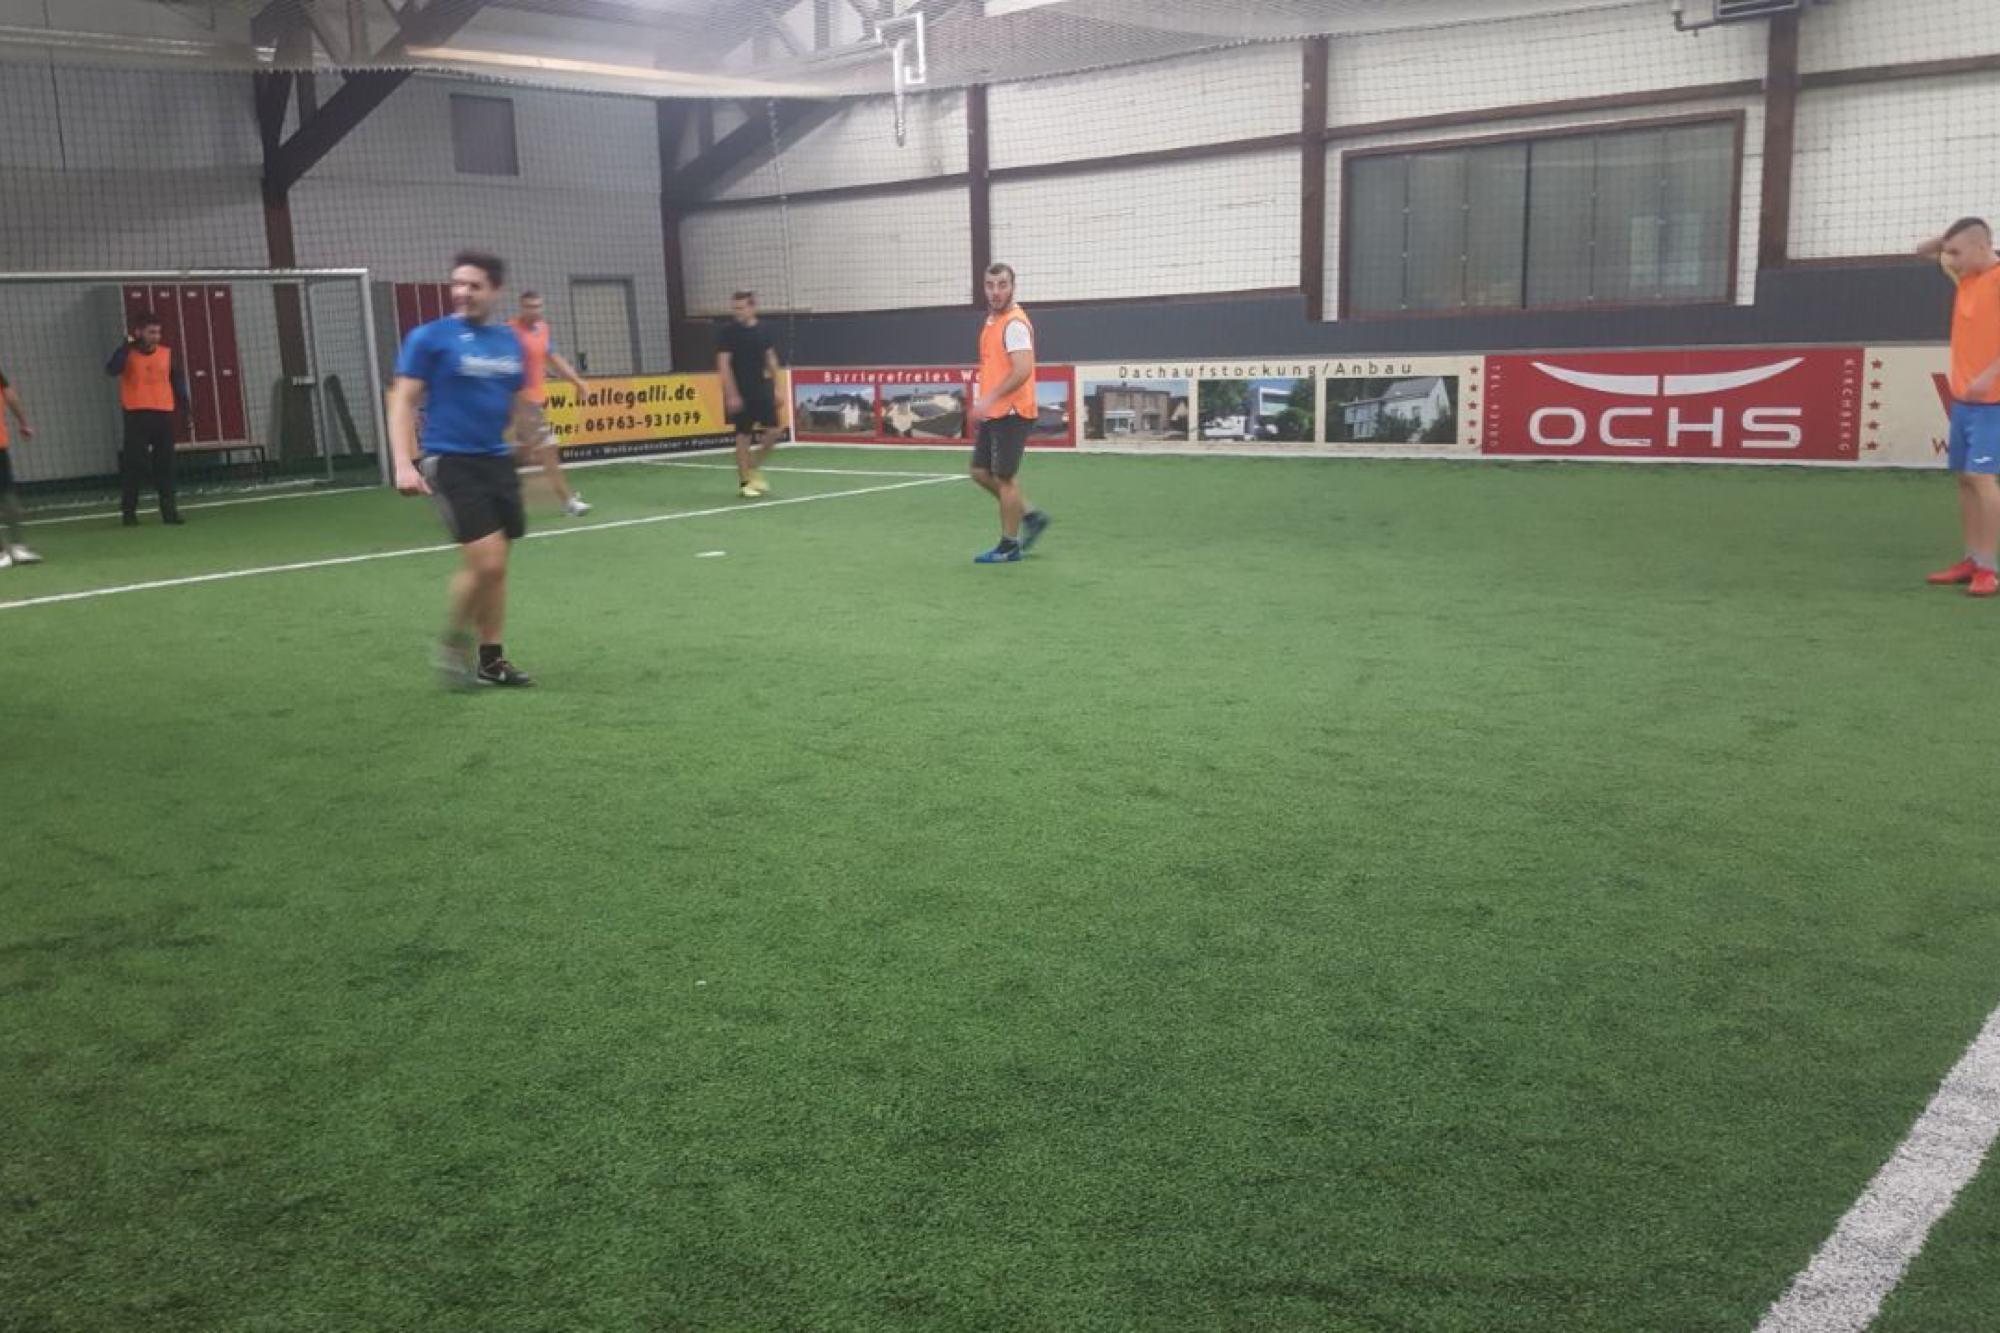 Sportfreunde Oase (indoor soccer)